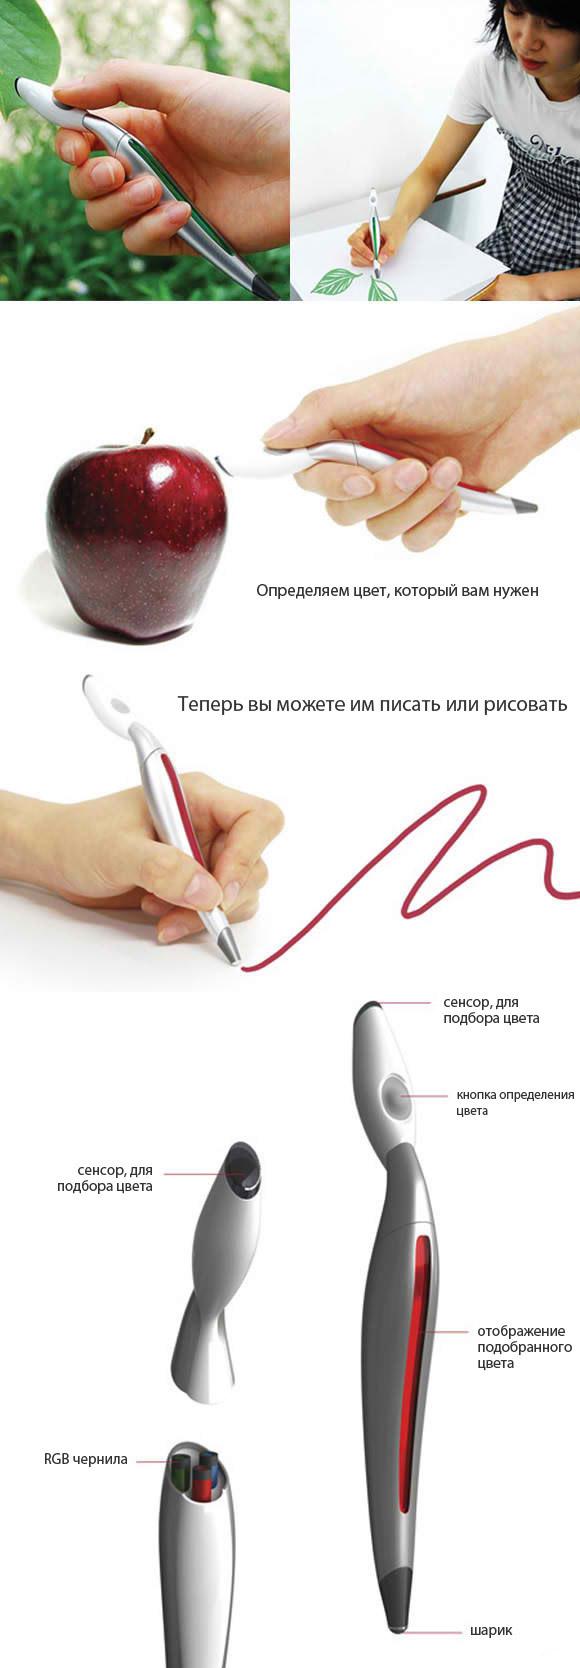 Креативные штучки! 1300207839_untitled-10